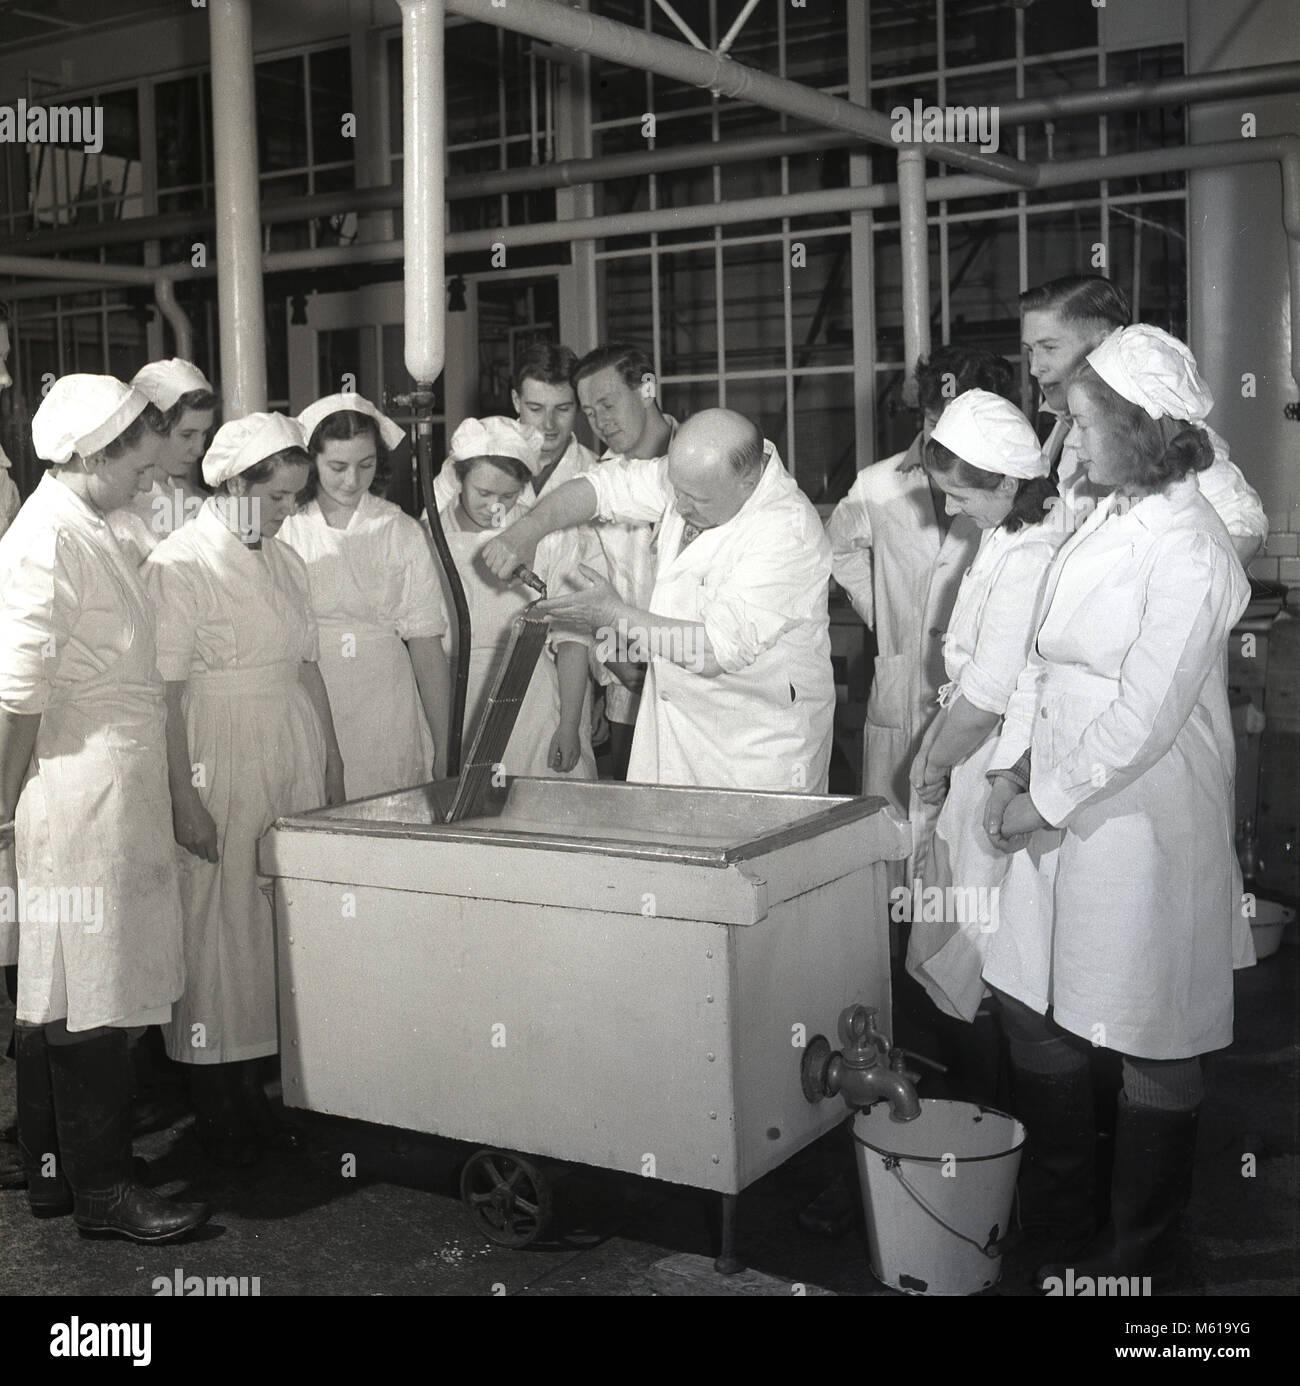 Années 1950, historiques, professeur dans un collège agricole laitière ou montrant un groupe d'étudiants Photo Stock